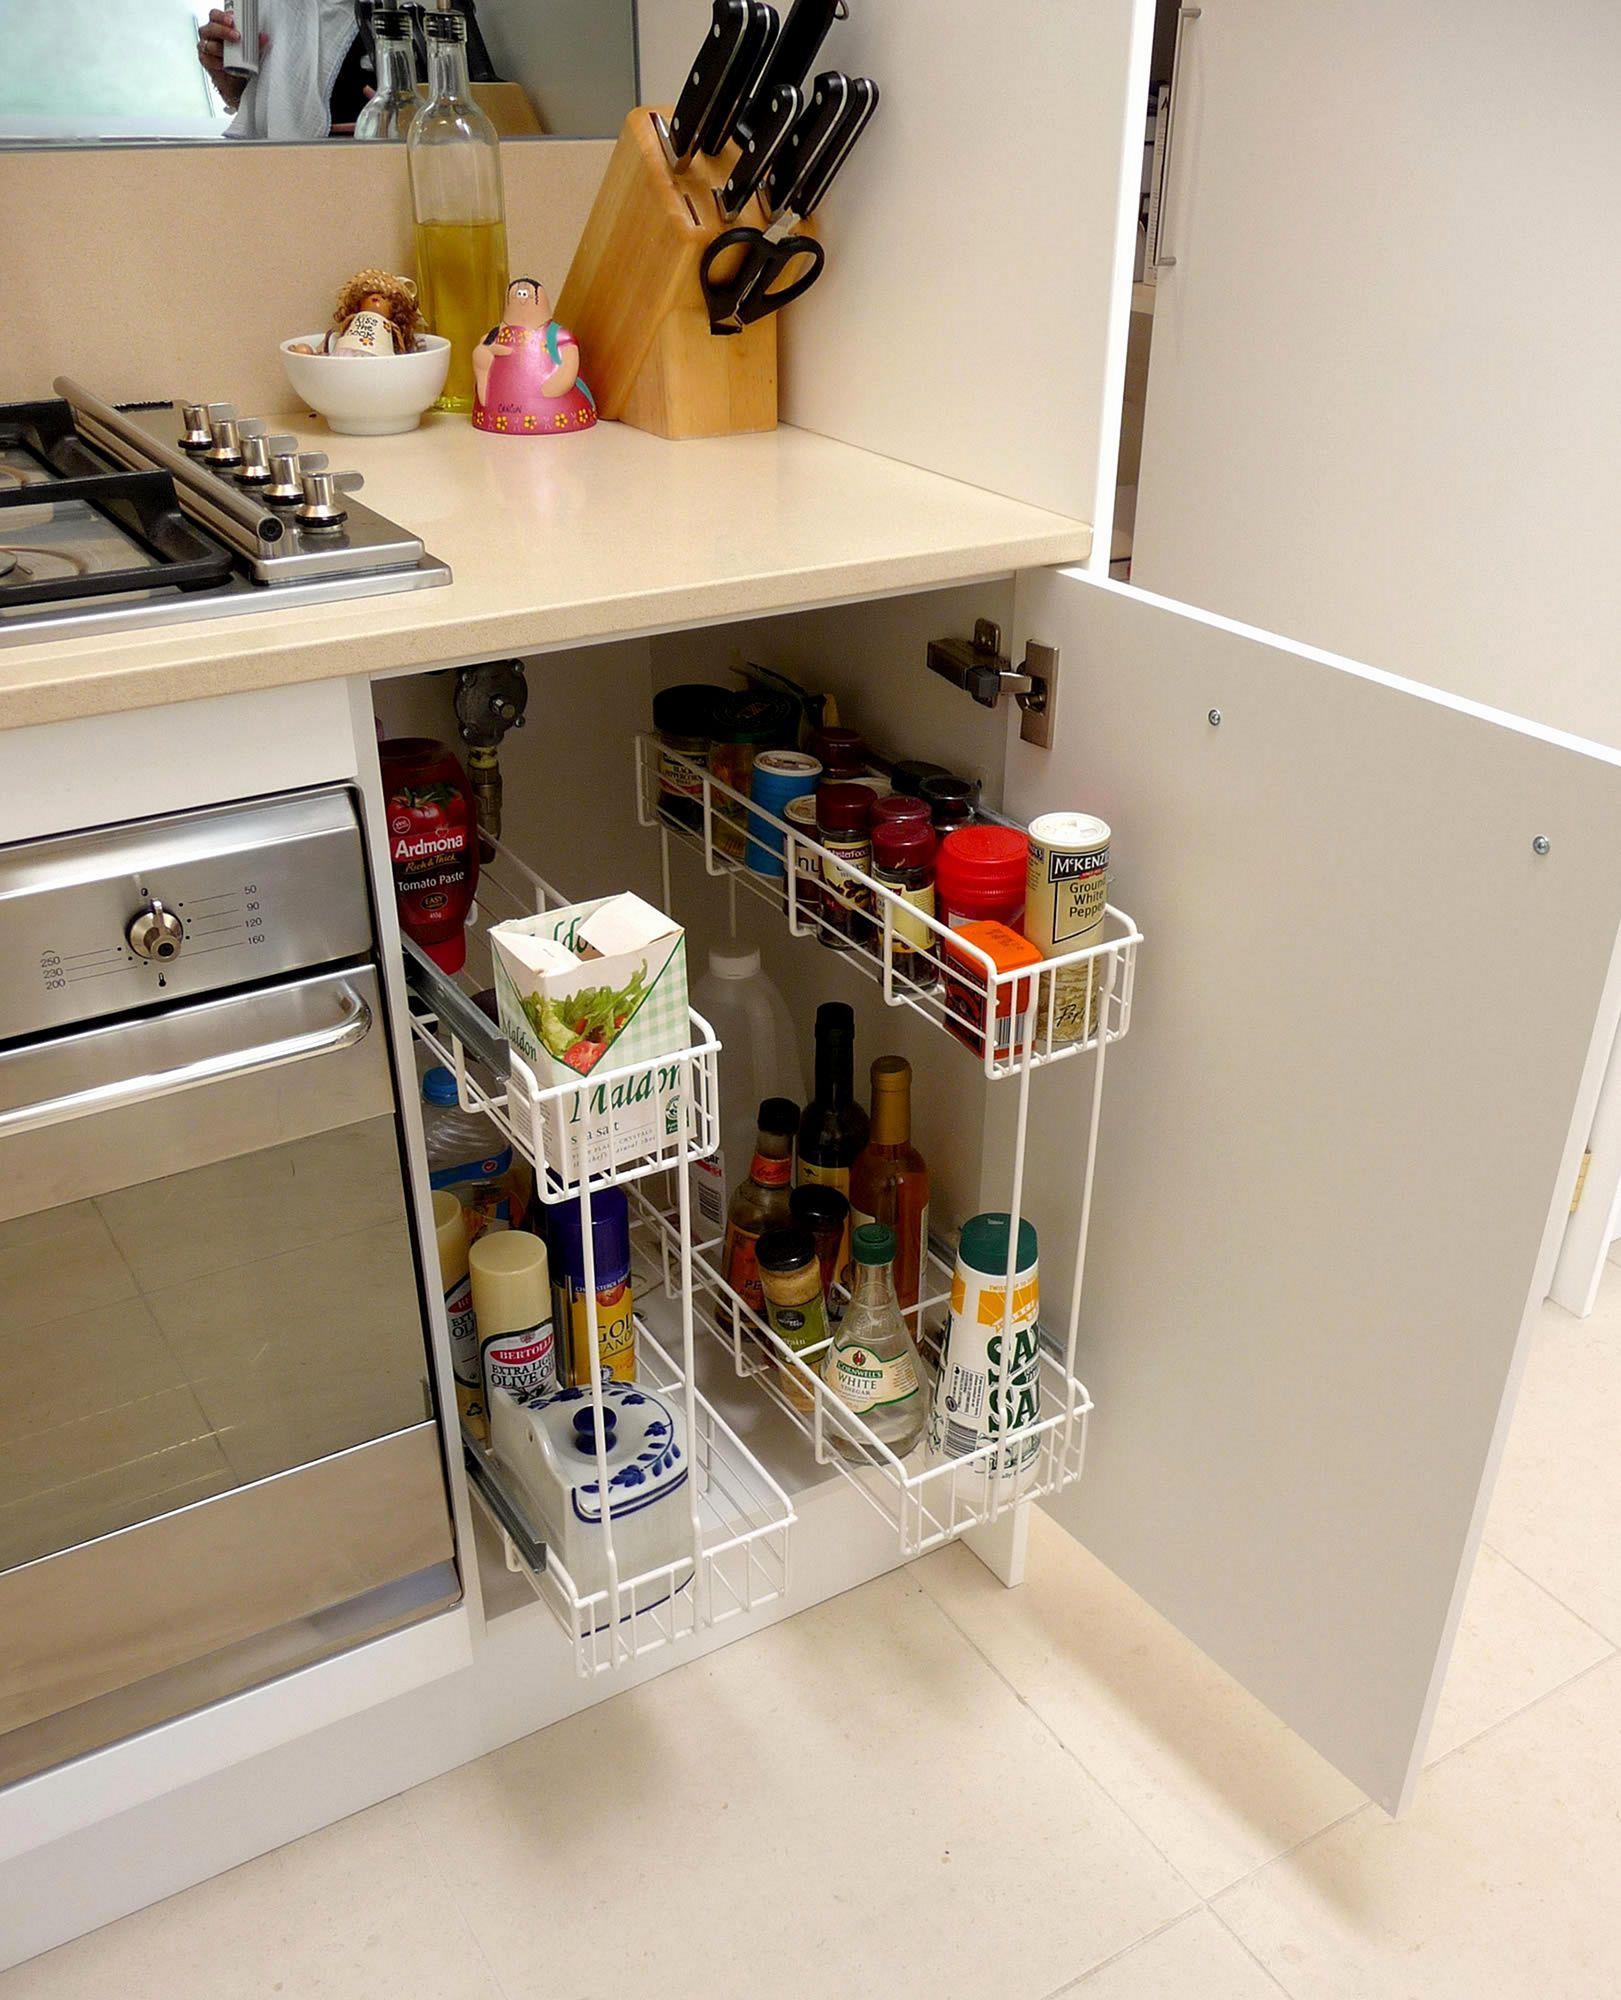 RV Kitchen Storage Design Ideas 7 – DECOREDO